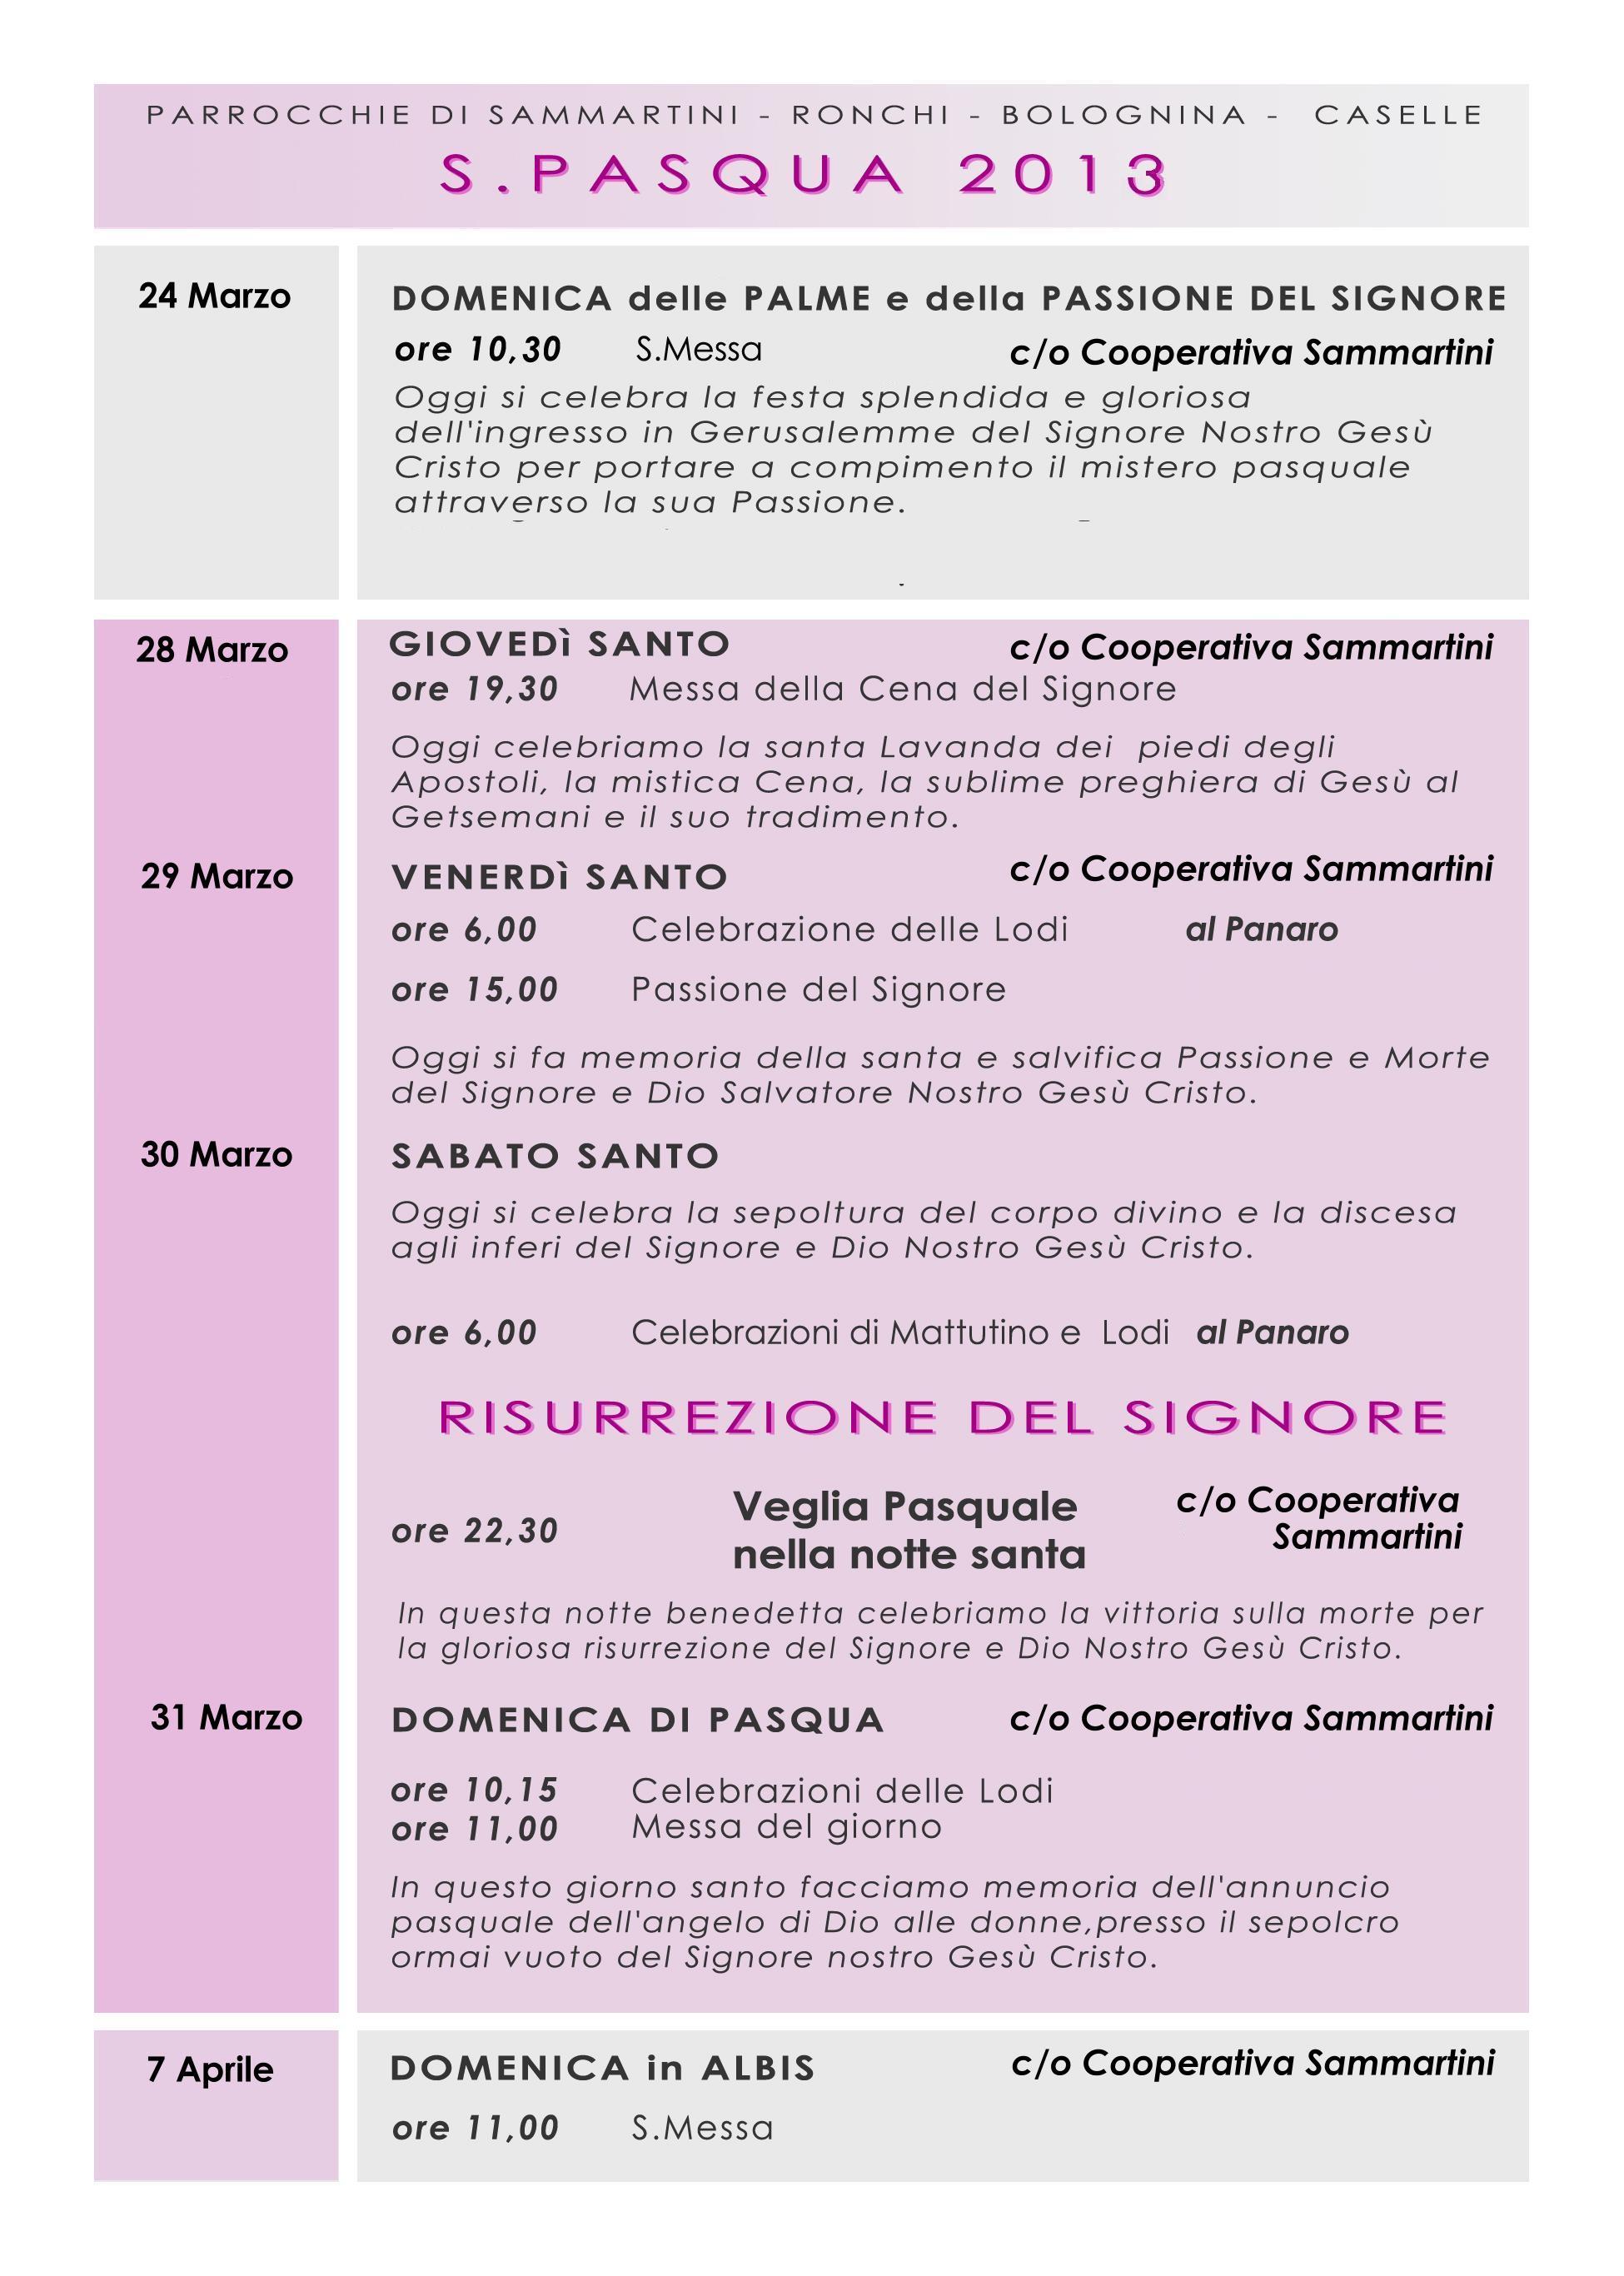 Liturgie pasquali a Sammartini